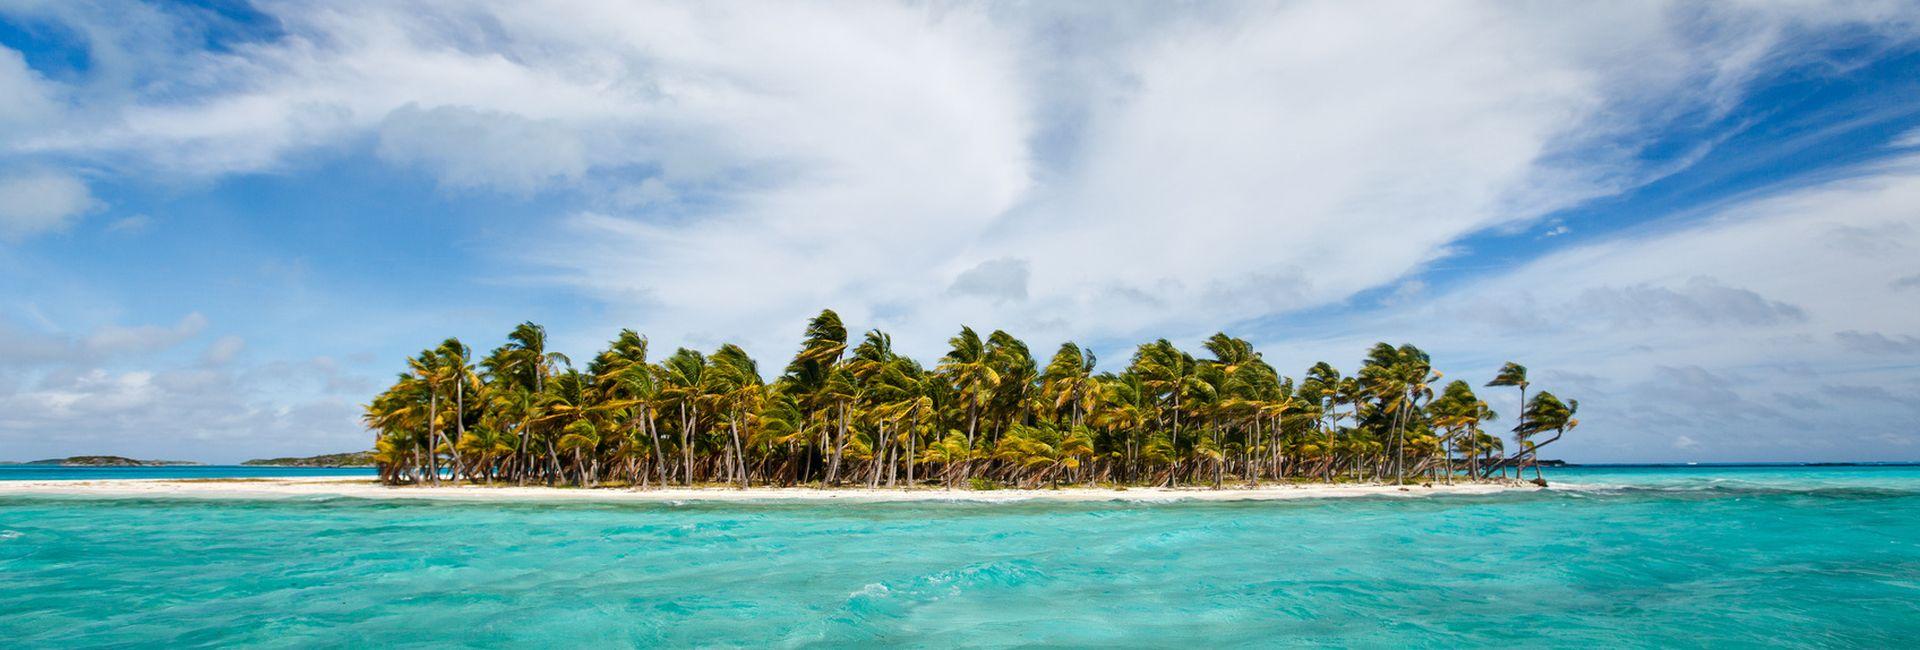 Voyage en famille aux Antilles en catamaran